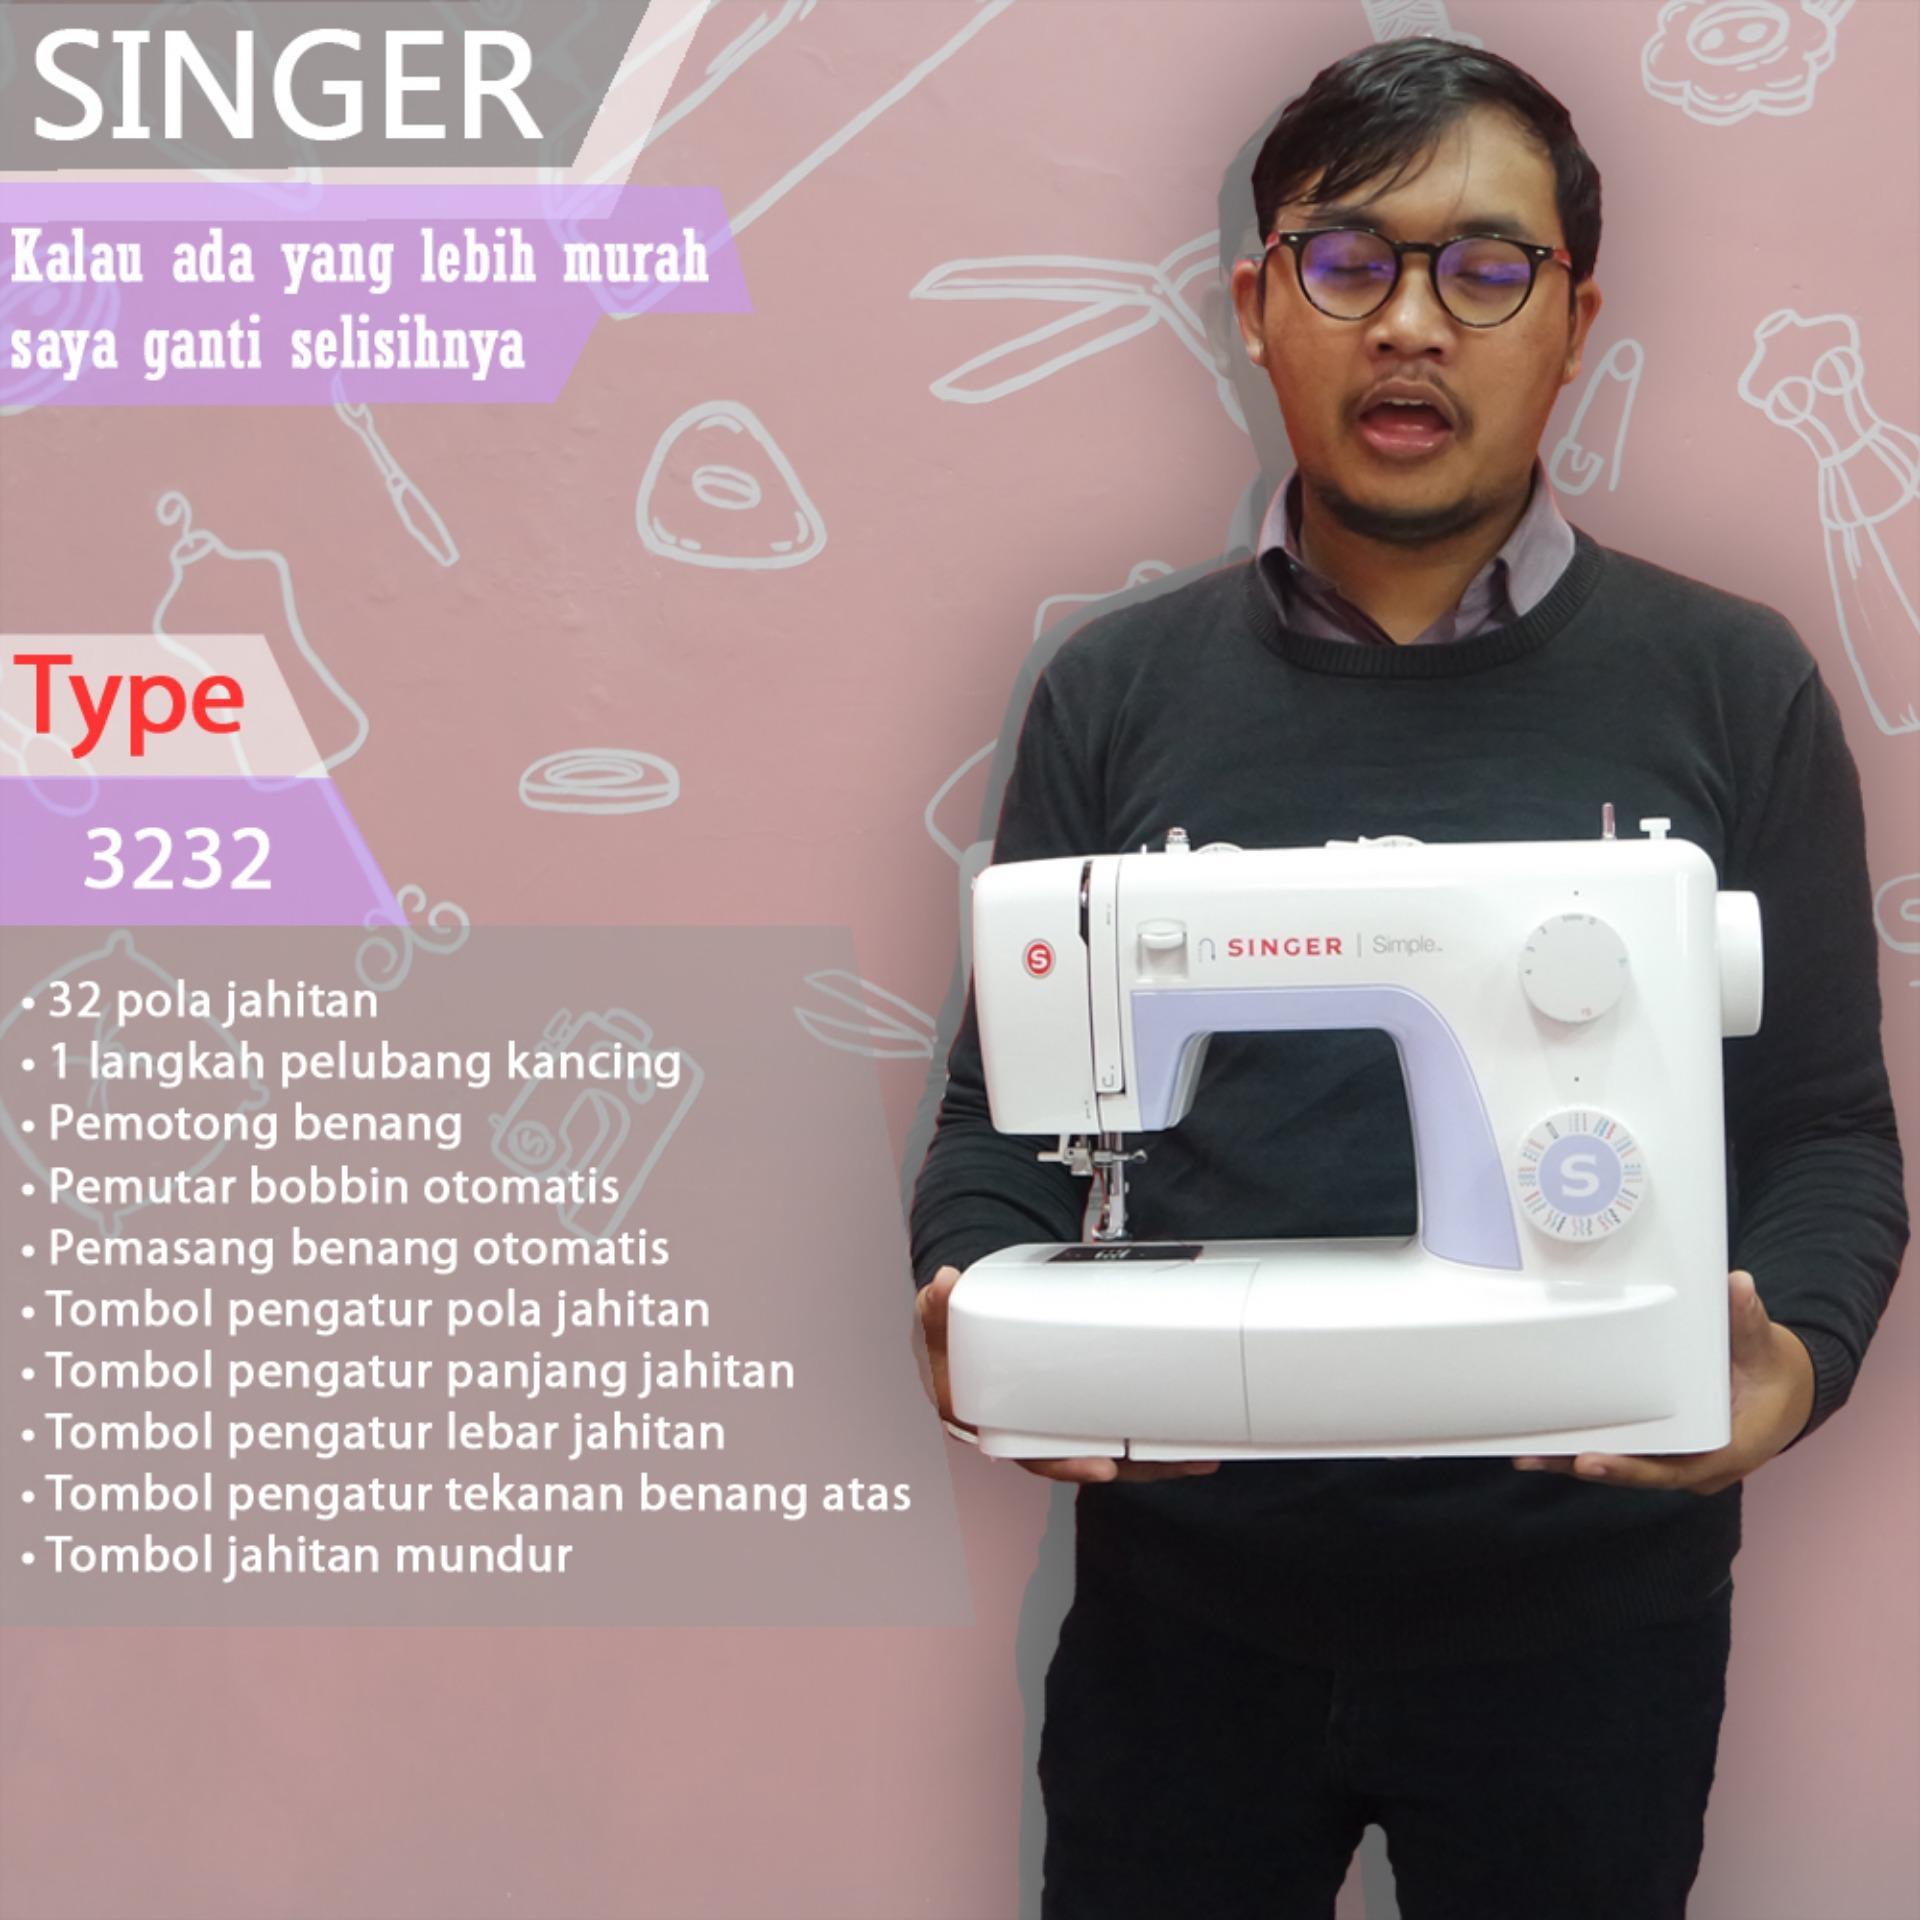 Fitur Mesin Jahit Singer 3232 Free Diy Clutch Dan Harga Terbaru